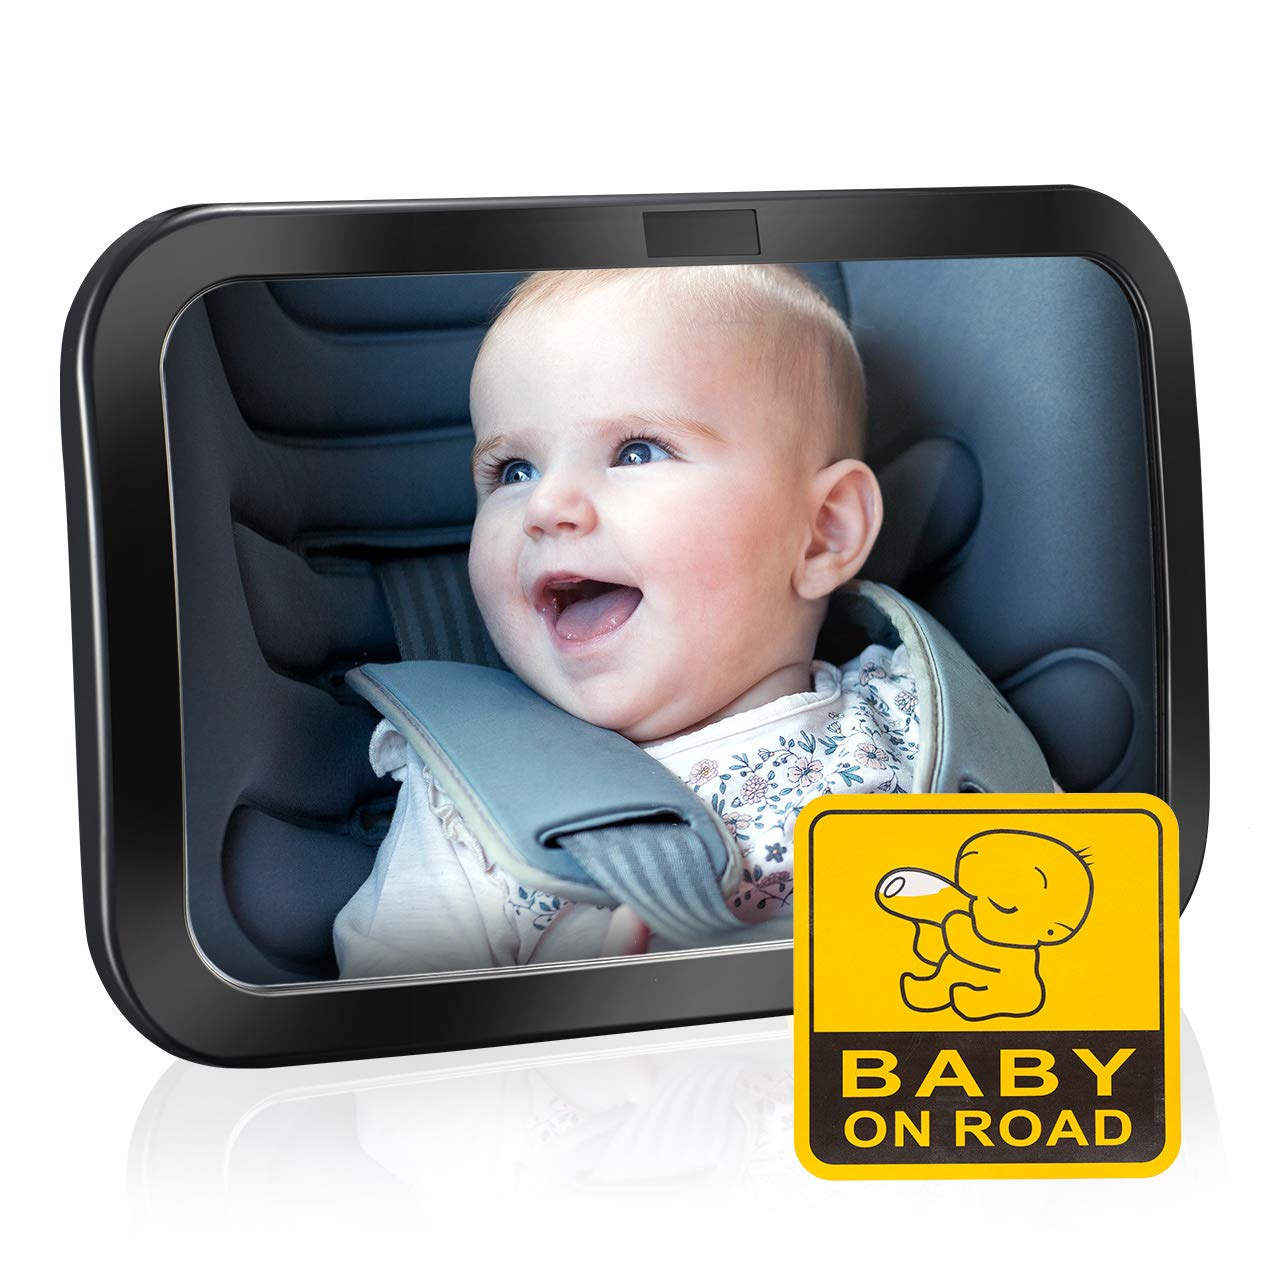 R/ückspiegel Baby Autospiegel Shatterproof Car R/ückspiegel kompatibel mit meisten Auto drehbar doppelriemen 【Update】TOPELEK R/ücksitzspiegel 360/° schwenkbar f/ür Kinderbeobachtung Spiegel Auto Baby